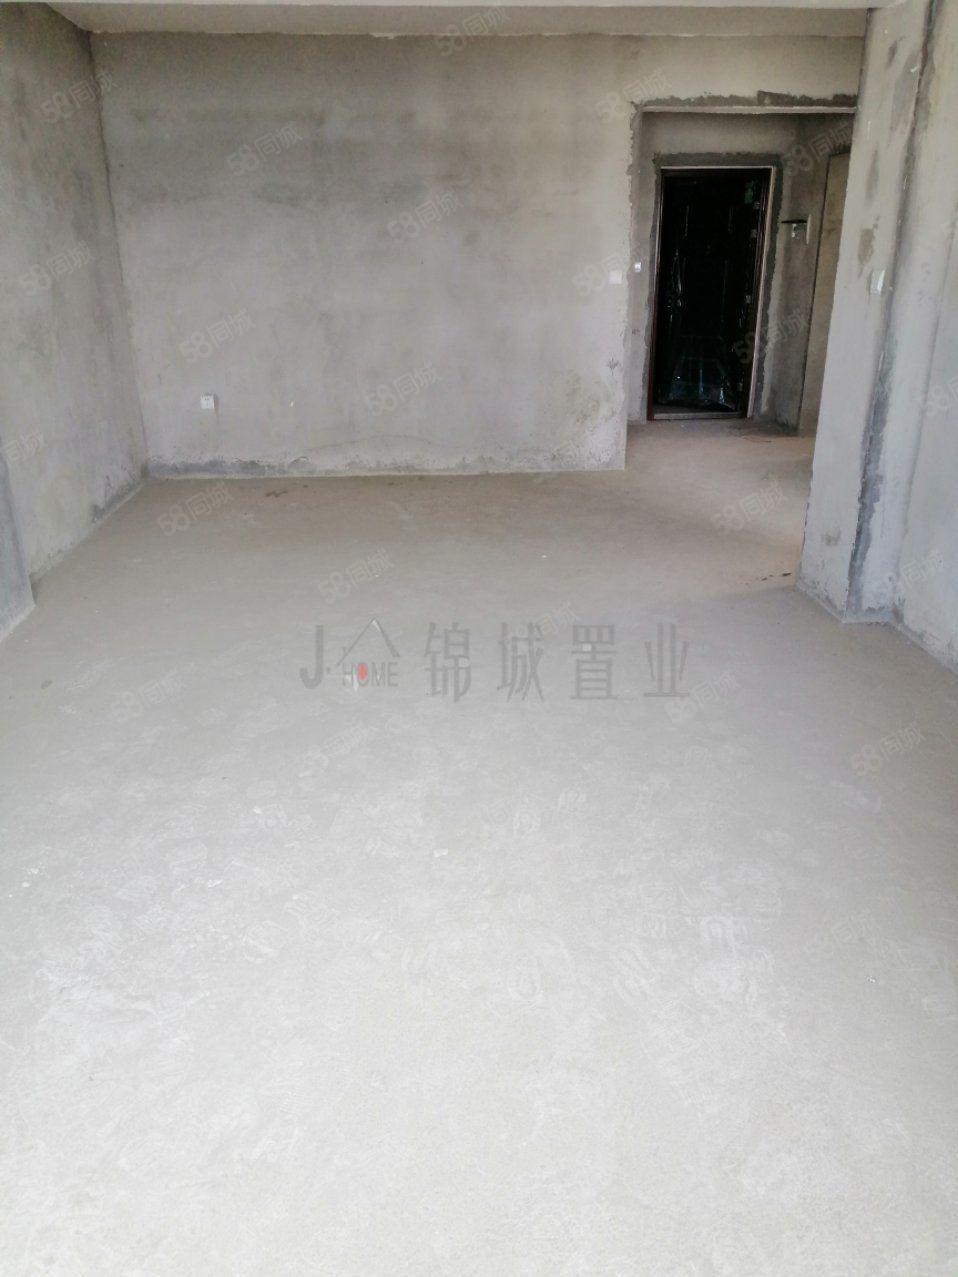 和谐春天电梯高层有房产证满5支持按揭带地上柴房